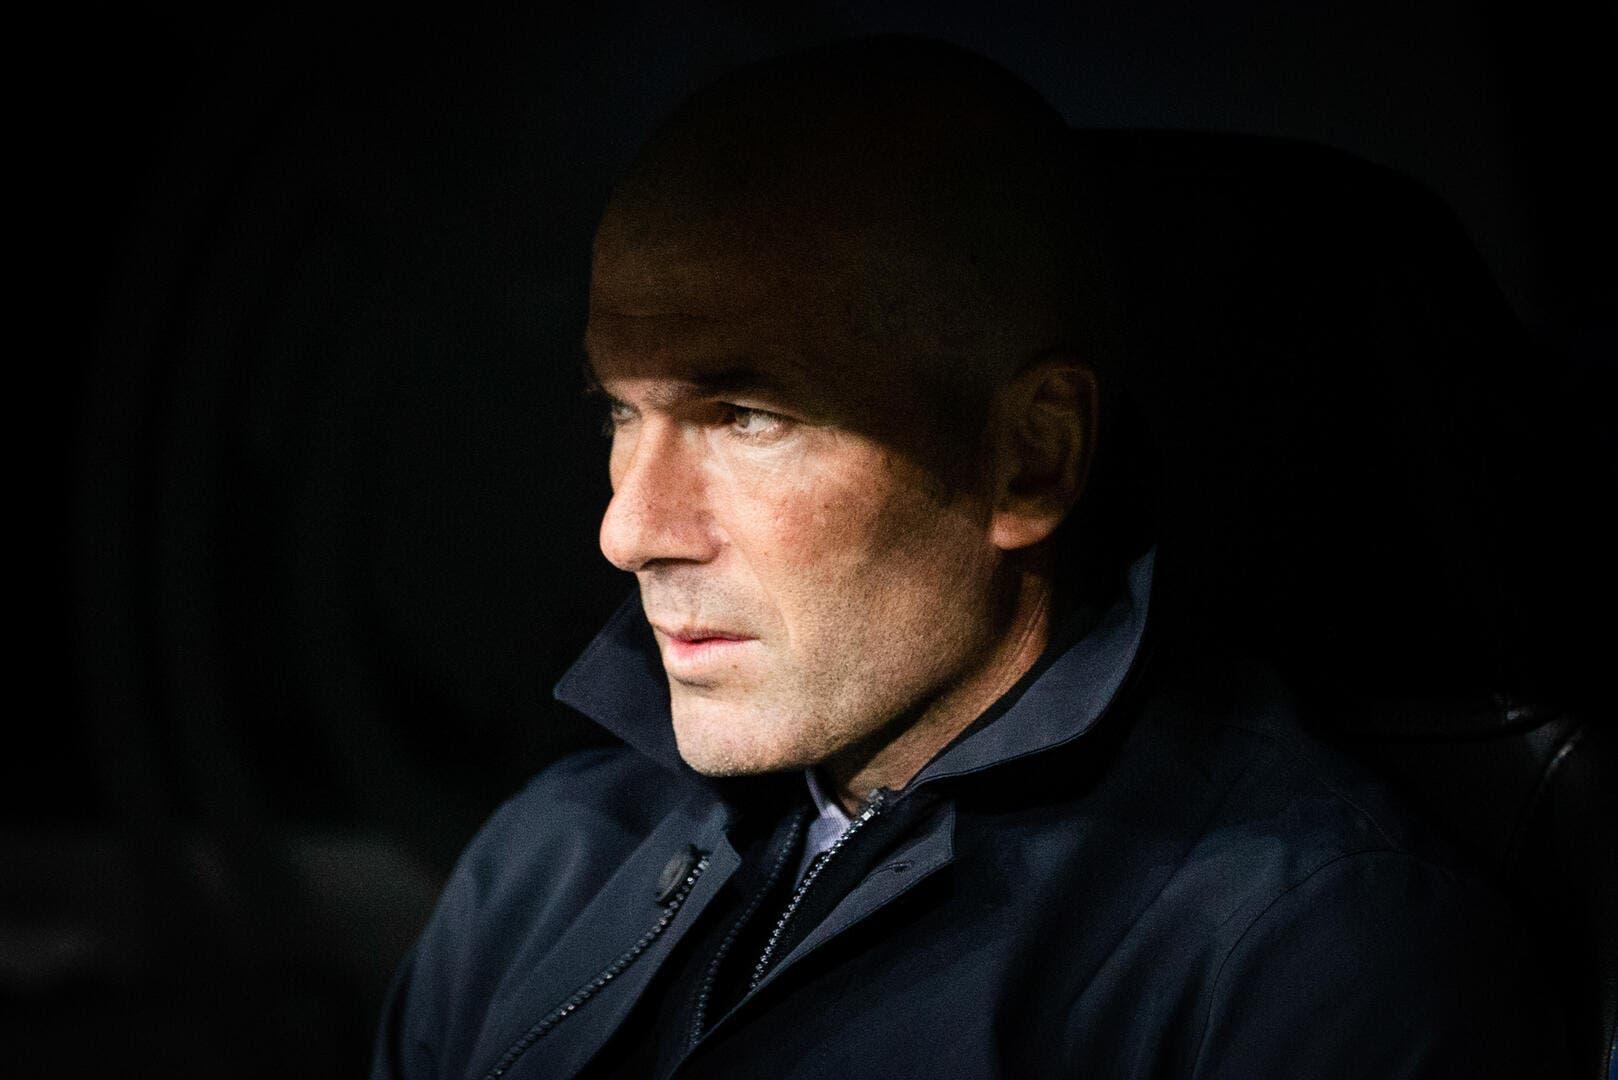 PSG : Après Mbappé, Zidane se met à parler de Neymar